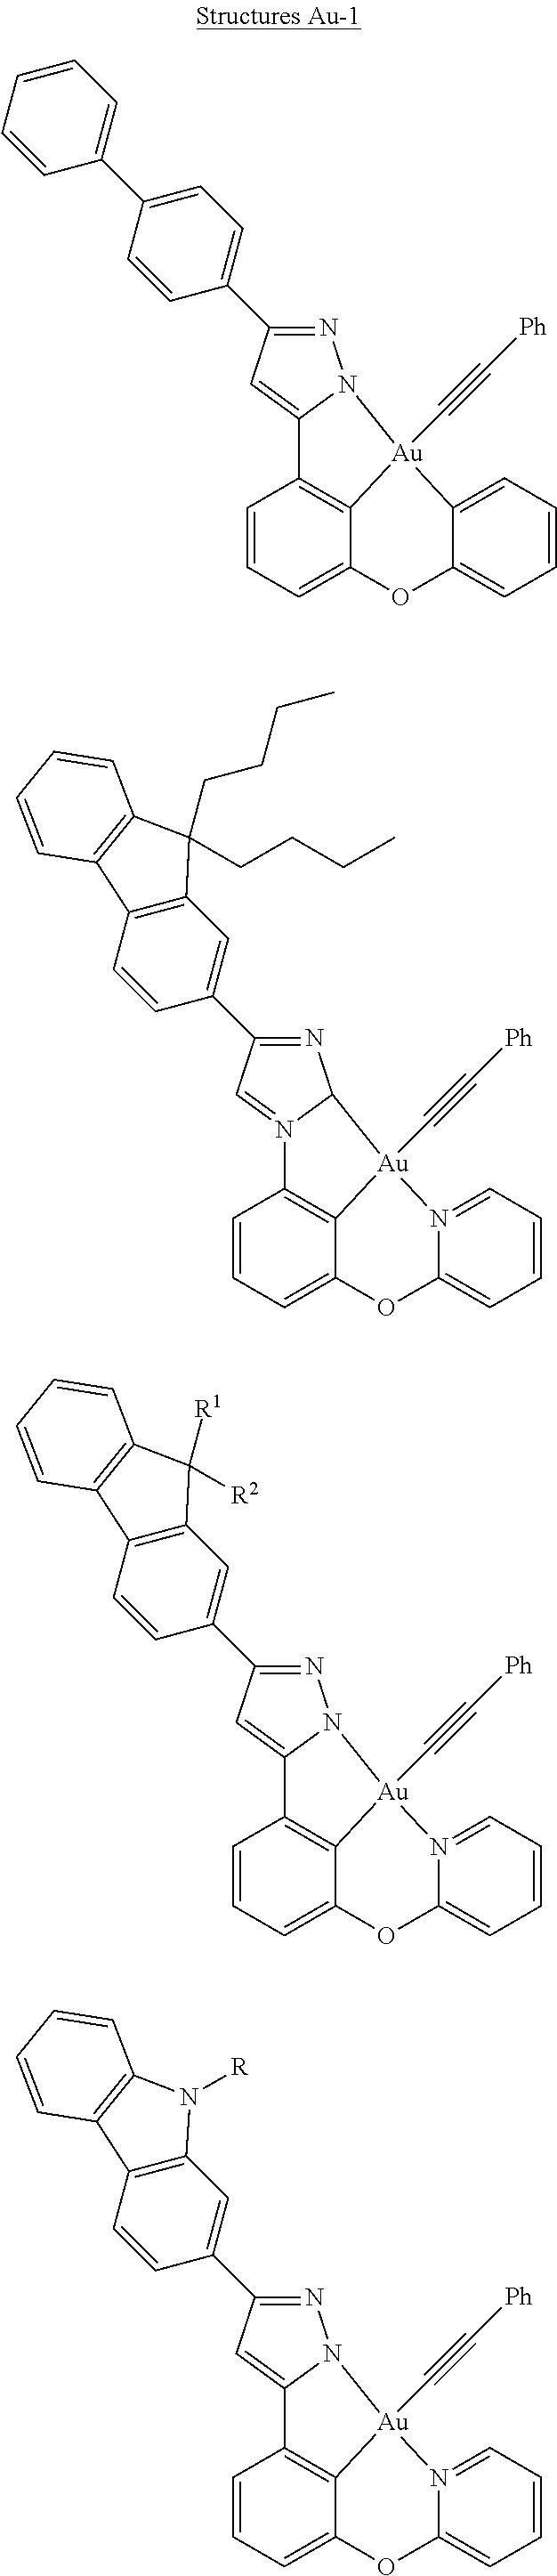 Figure US09818959-20171114-C00214